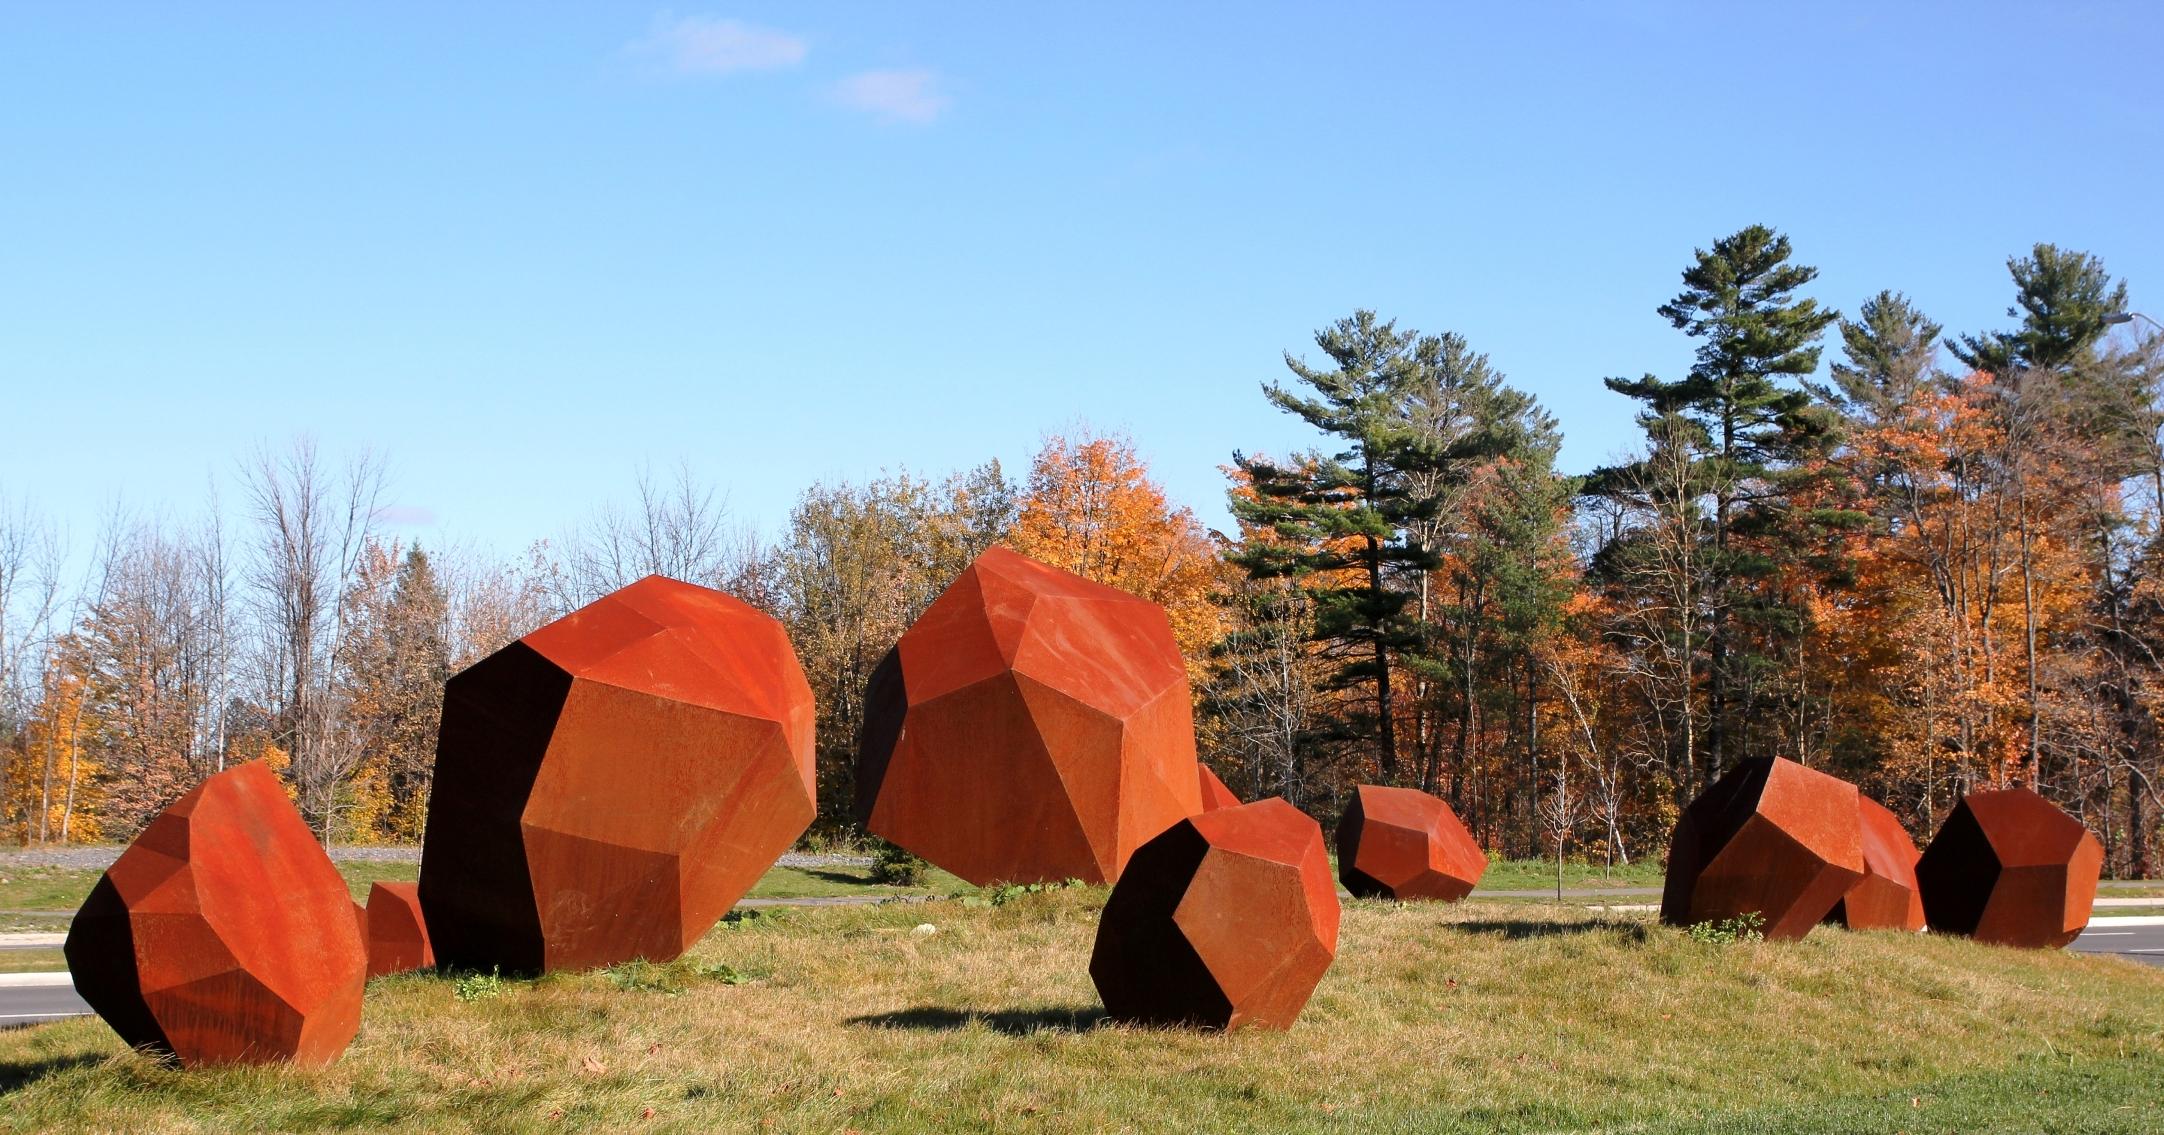 Sculpture by Shayne Dark